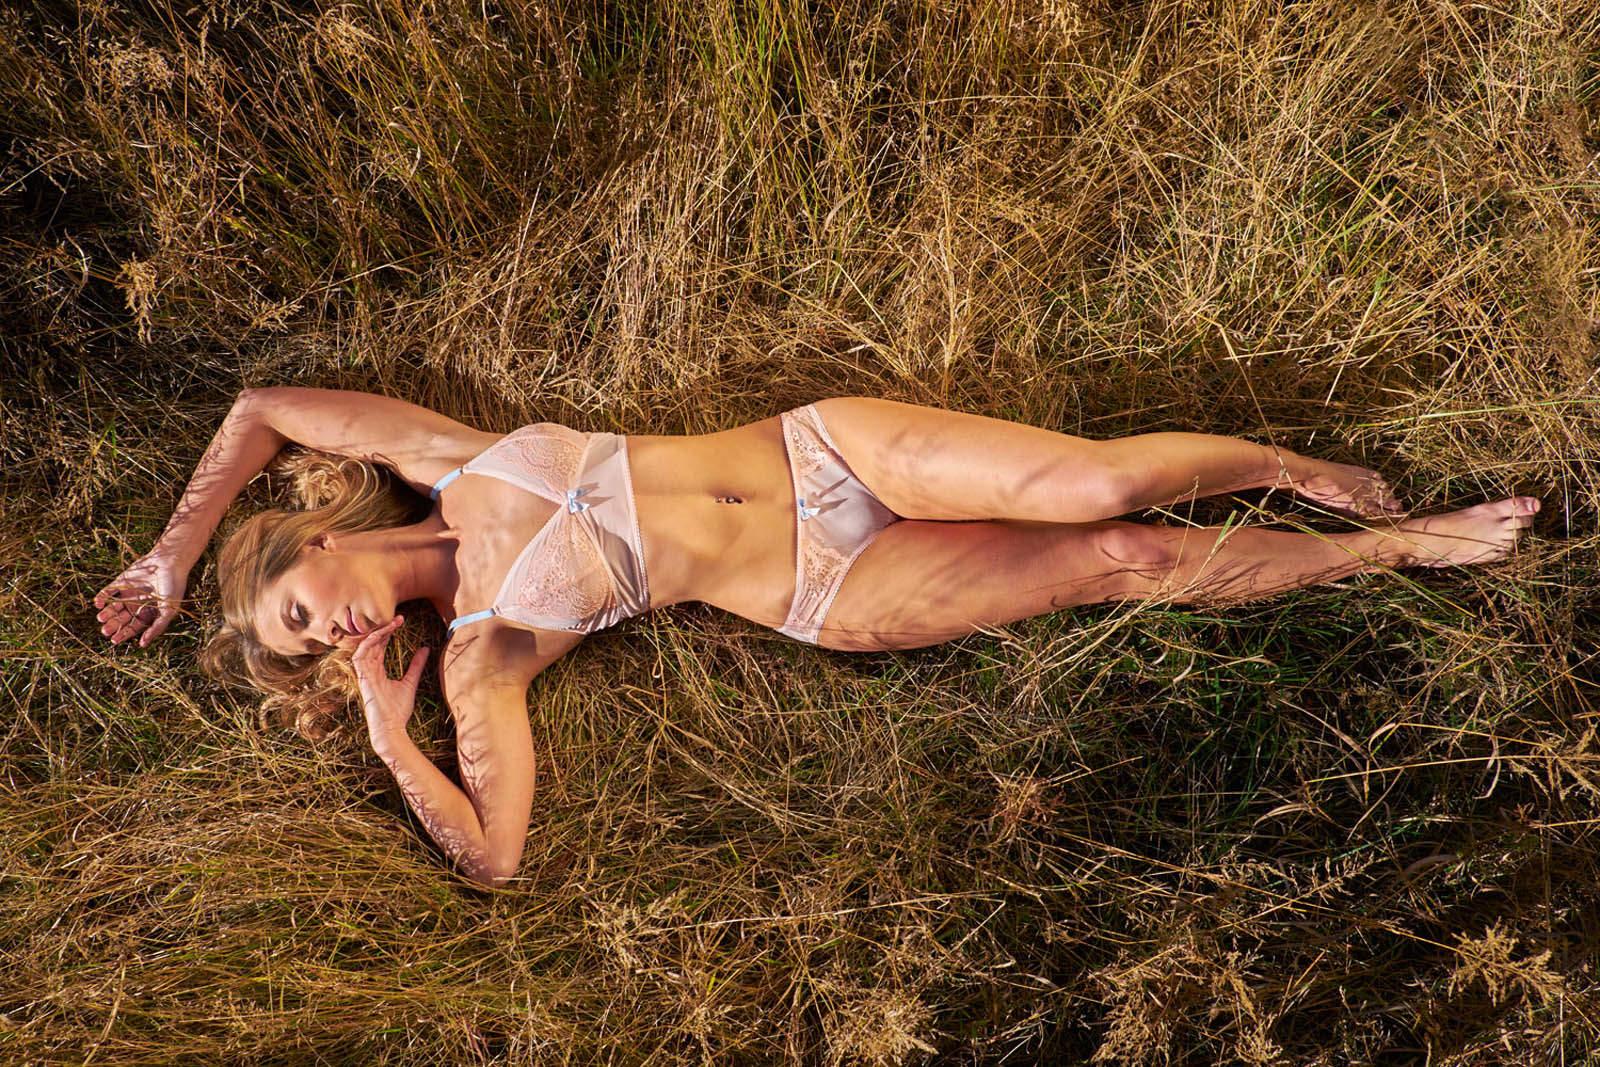 Beautiful woman in lingerie outdoors enjoying the sun.